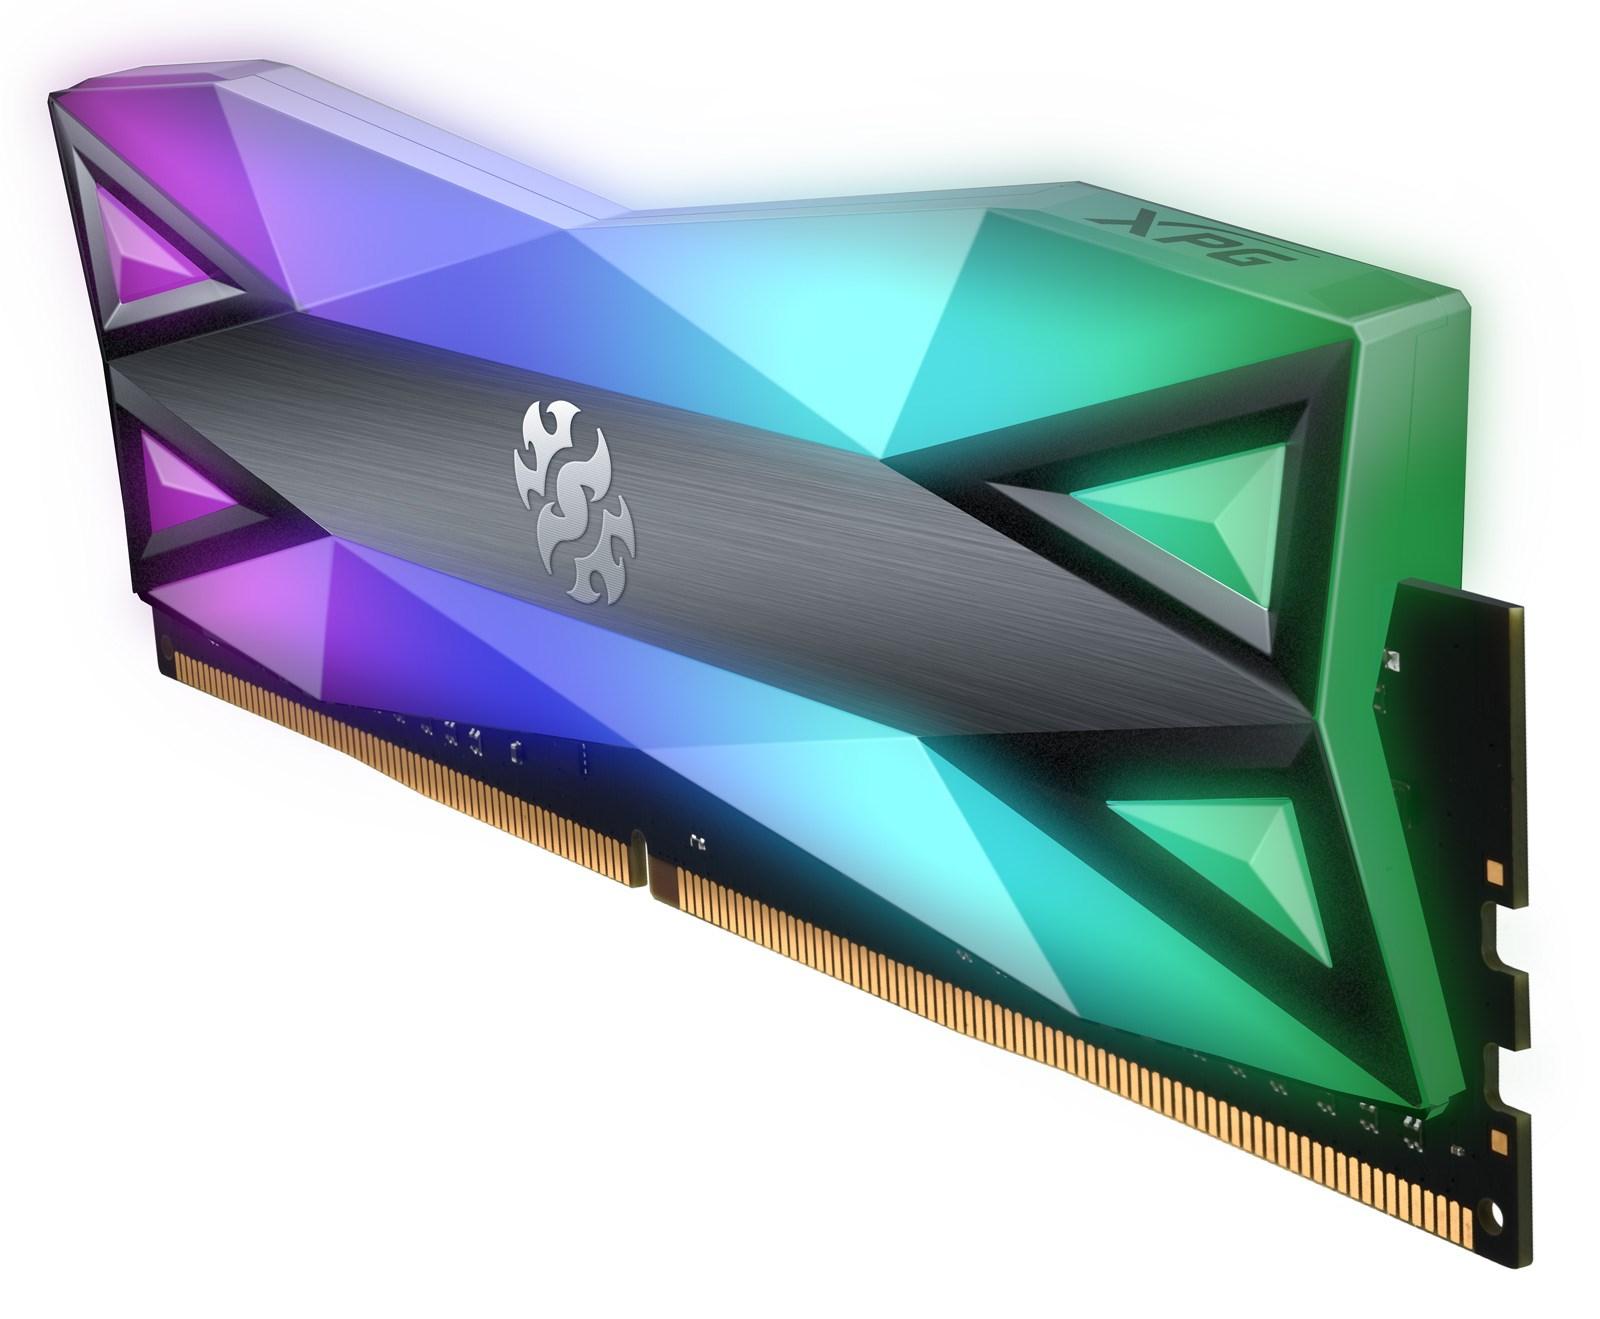 Adata XPG Spectrix D60G 16GB (2x8GB) 3600MHz DDR4 Memory Kit